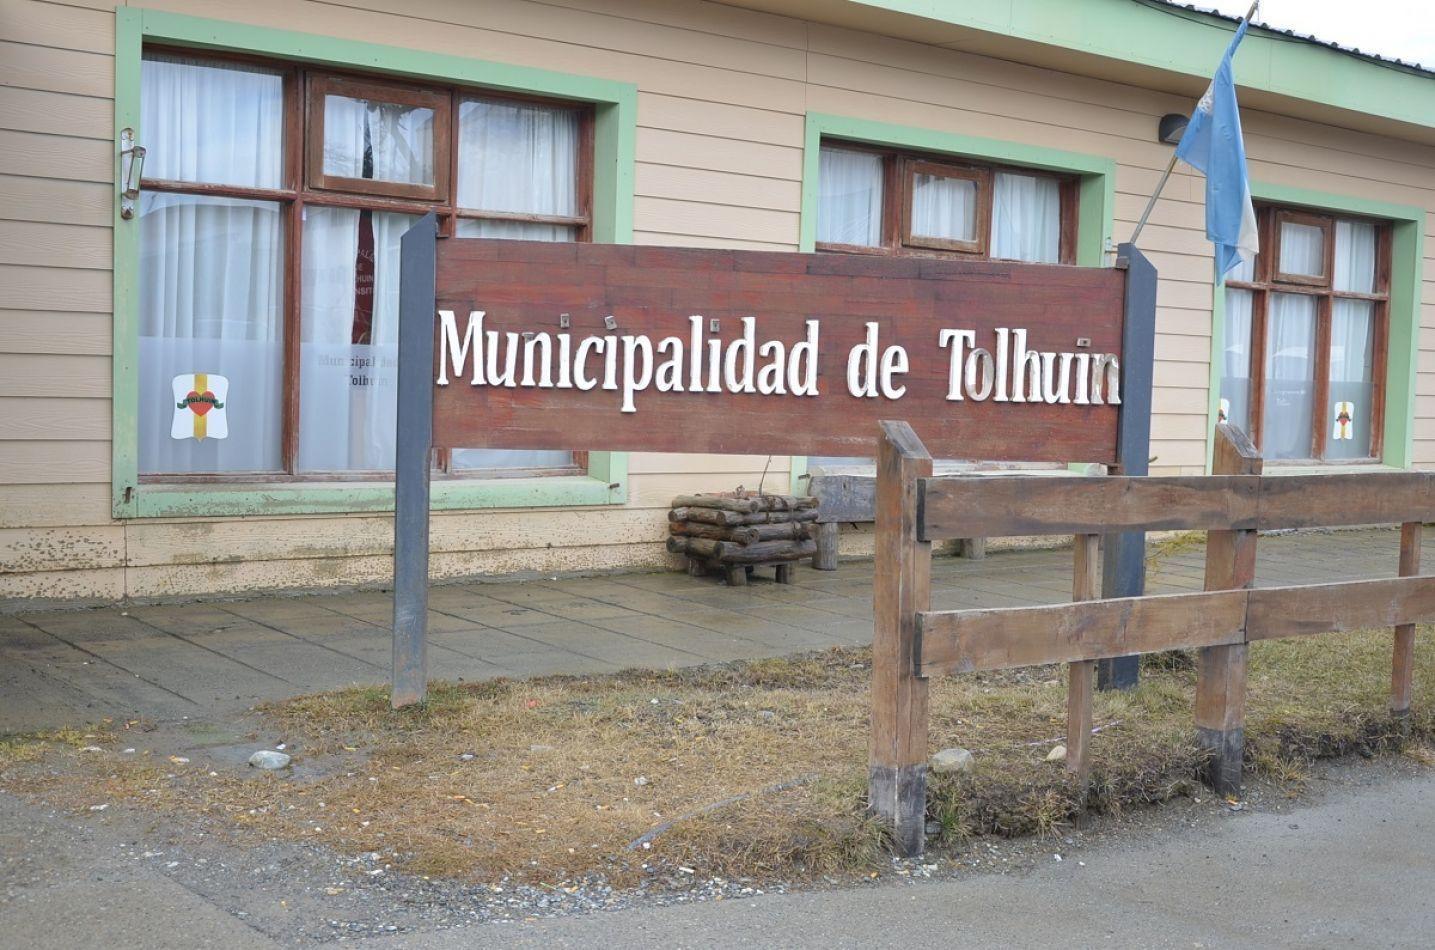 Municipio de Tolhuin